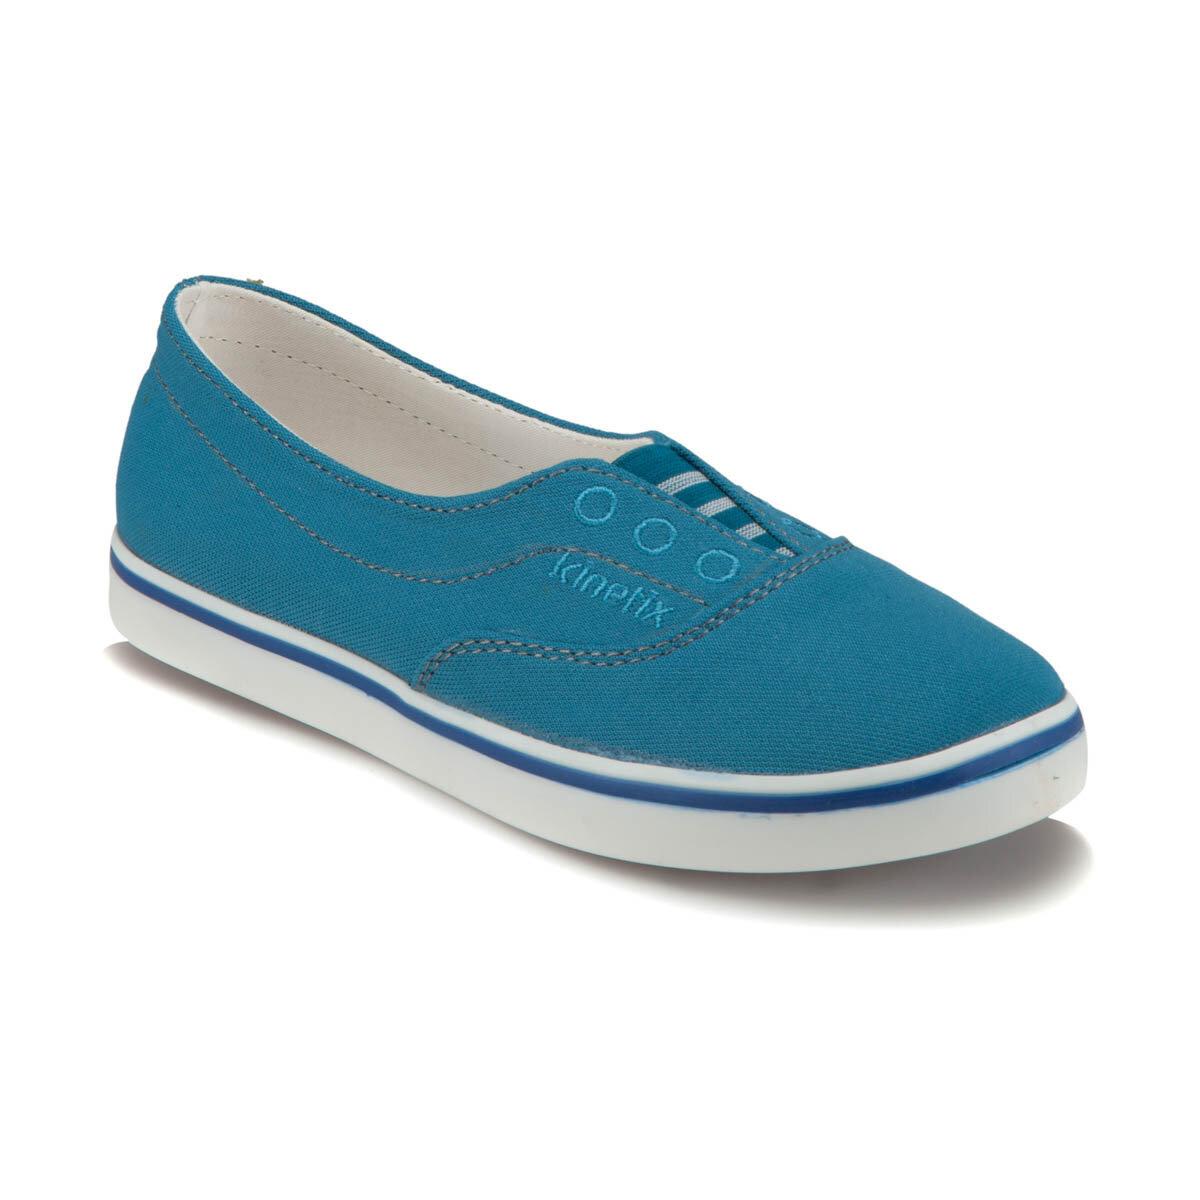 MAVI Kız Çocuk Ayakkabı 1238585